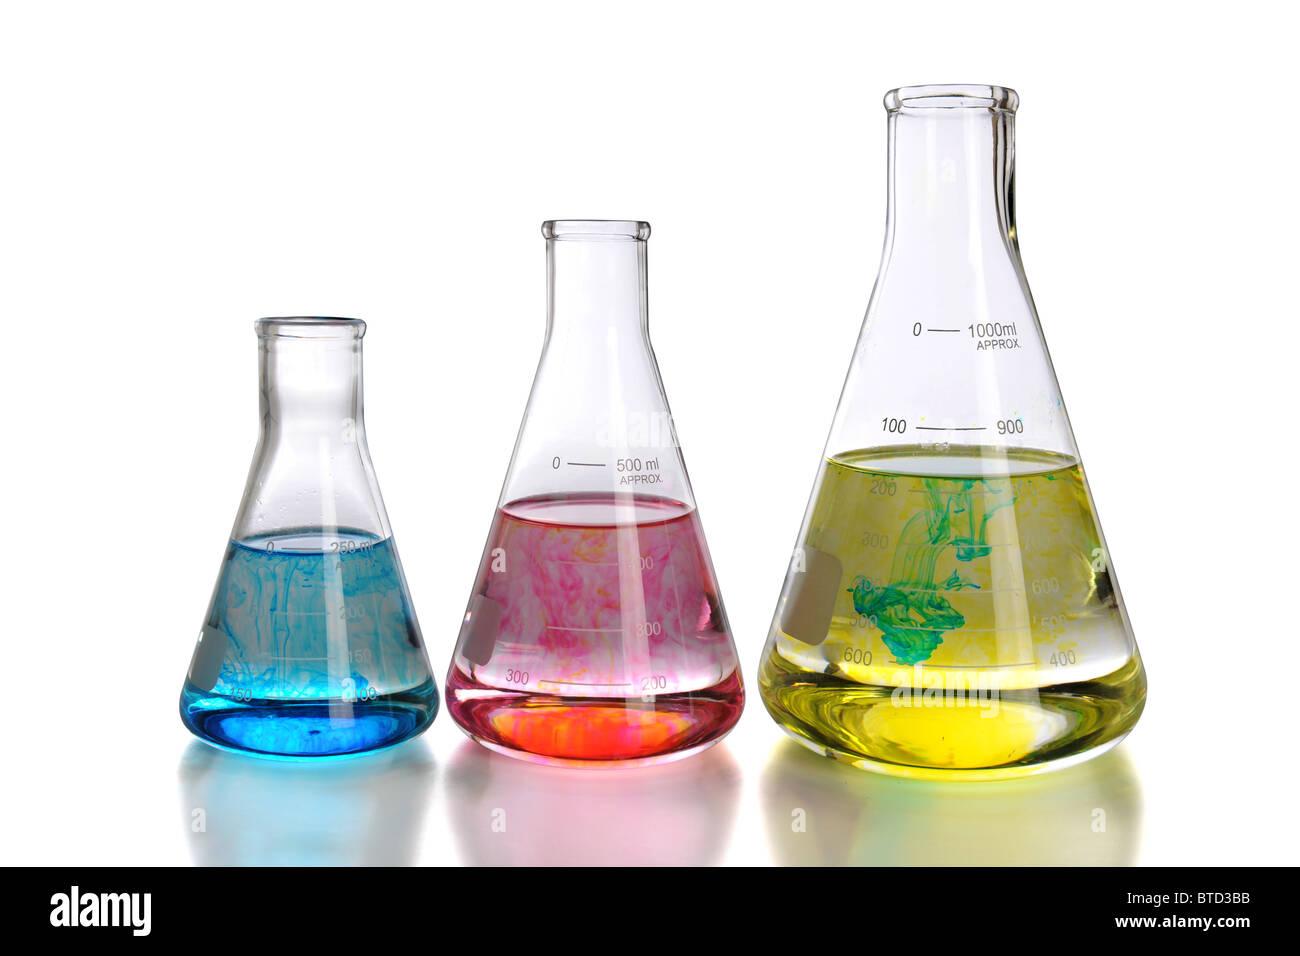 Laborglas mit Reflexionen isoliert auf weißem Hintergrund - mit Beschneidungspfad Stockbild